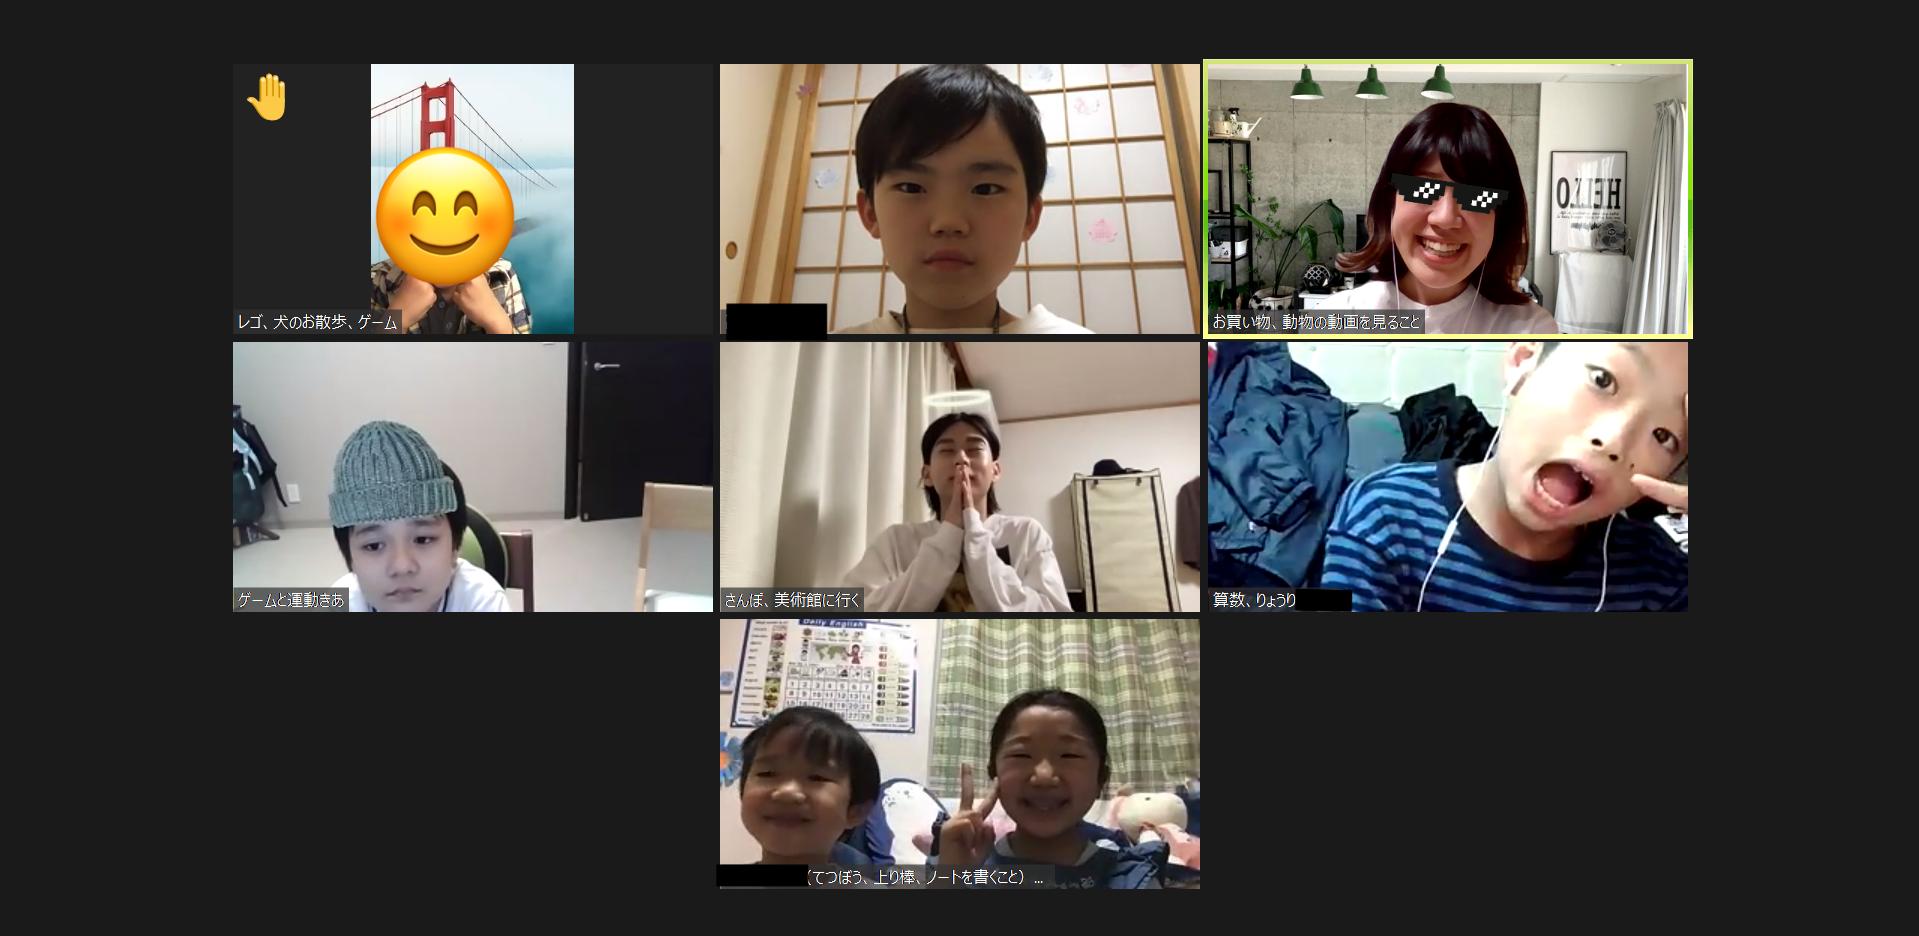 子供たちが異なる多様な考えを学ぶ「ゲーム大会」をオンラインで開催!~緊急事態宣言でもプロジェクト型学習ができるキッズプログラミングスクール~